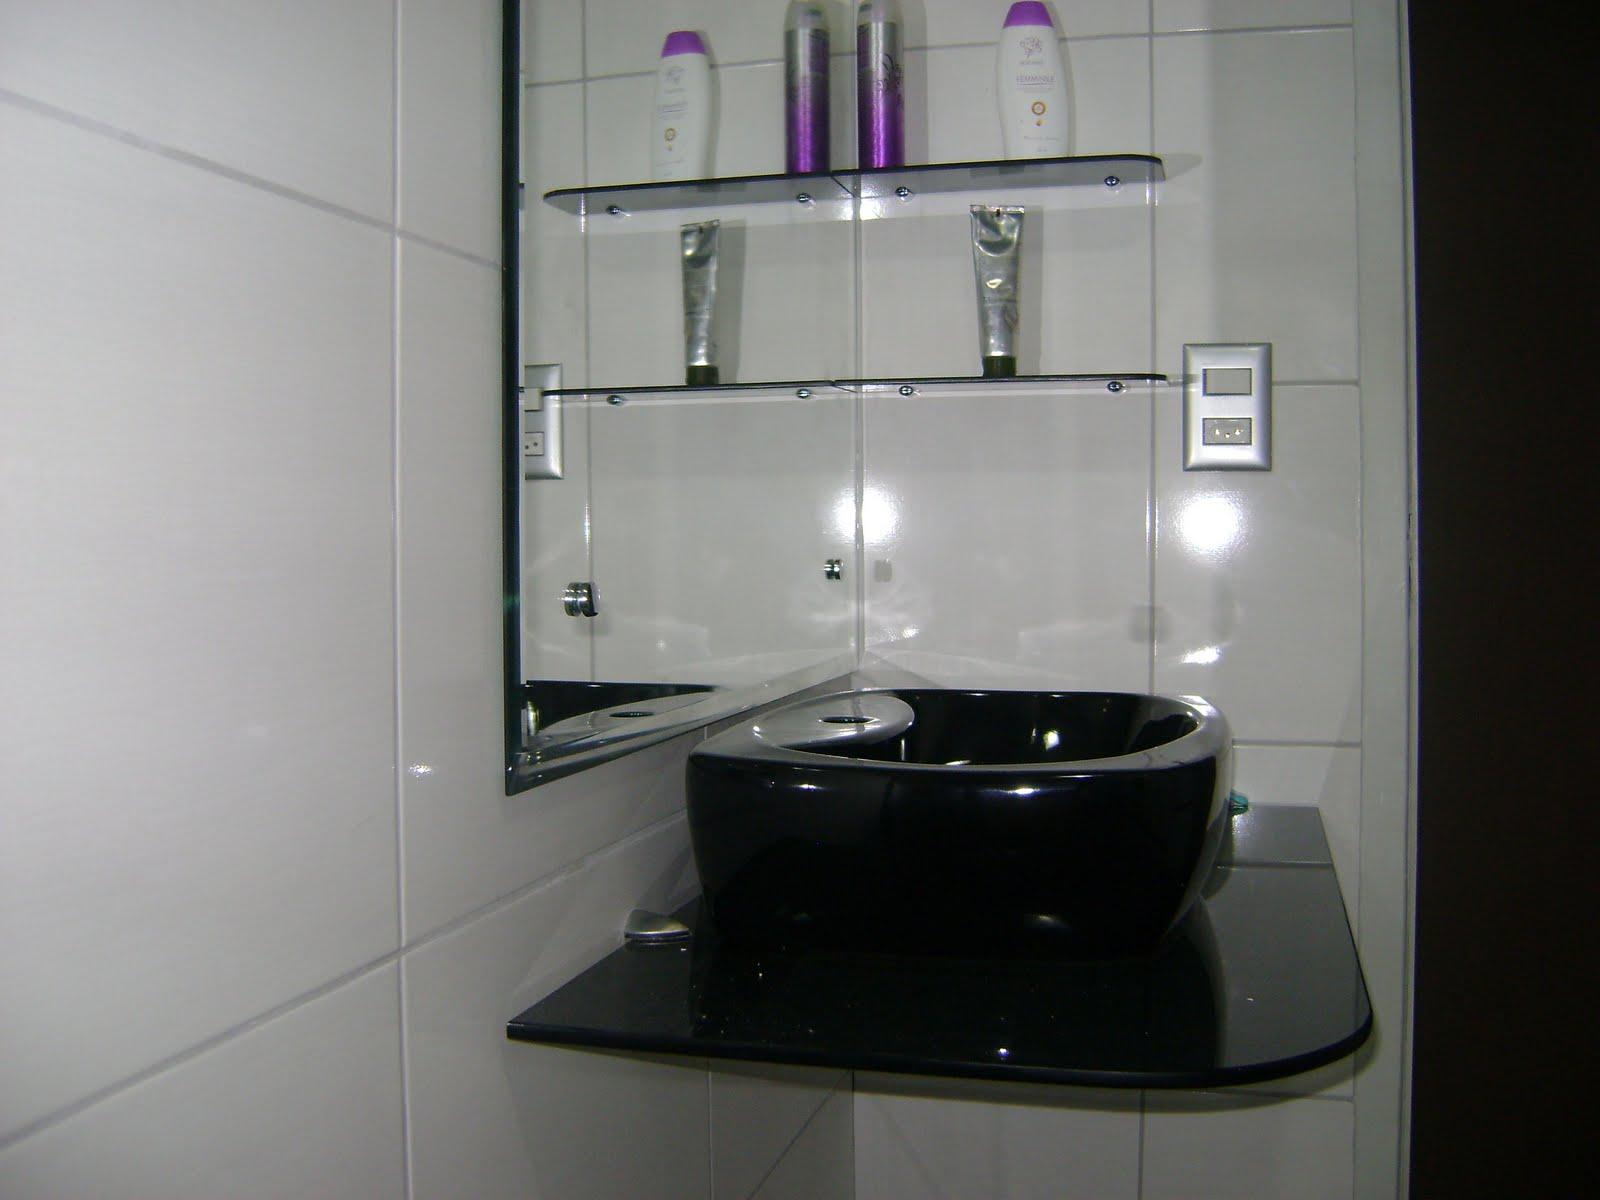 Imagens de #161715 Bazar do Alumínio: BOX BLINDEX PARA BANHEIRO CONFIRA NOSSOS  1600x1200 px 2178 Box De Vidro Para Banheiro Jundiai